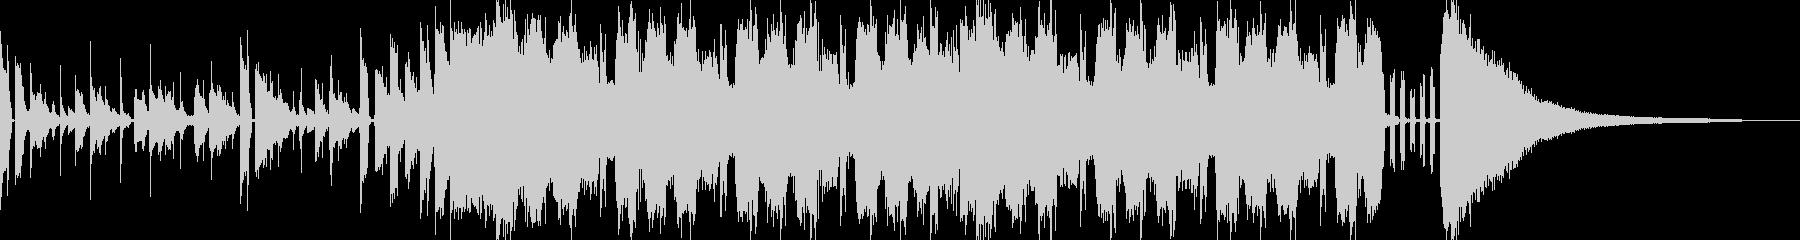 ポップなメタルサウンドの未再生の波形